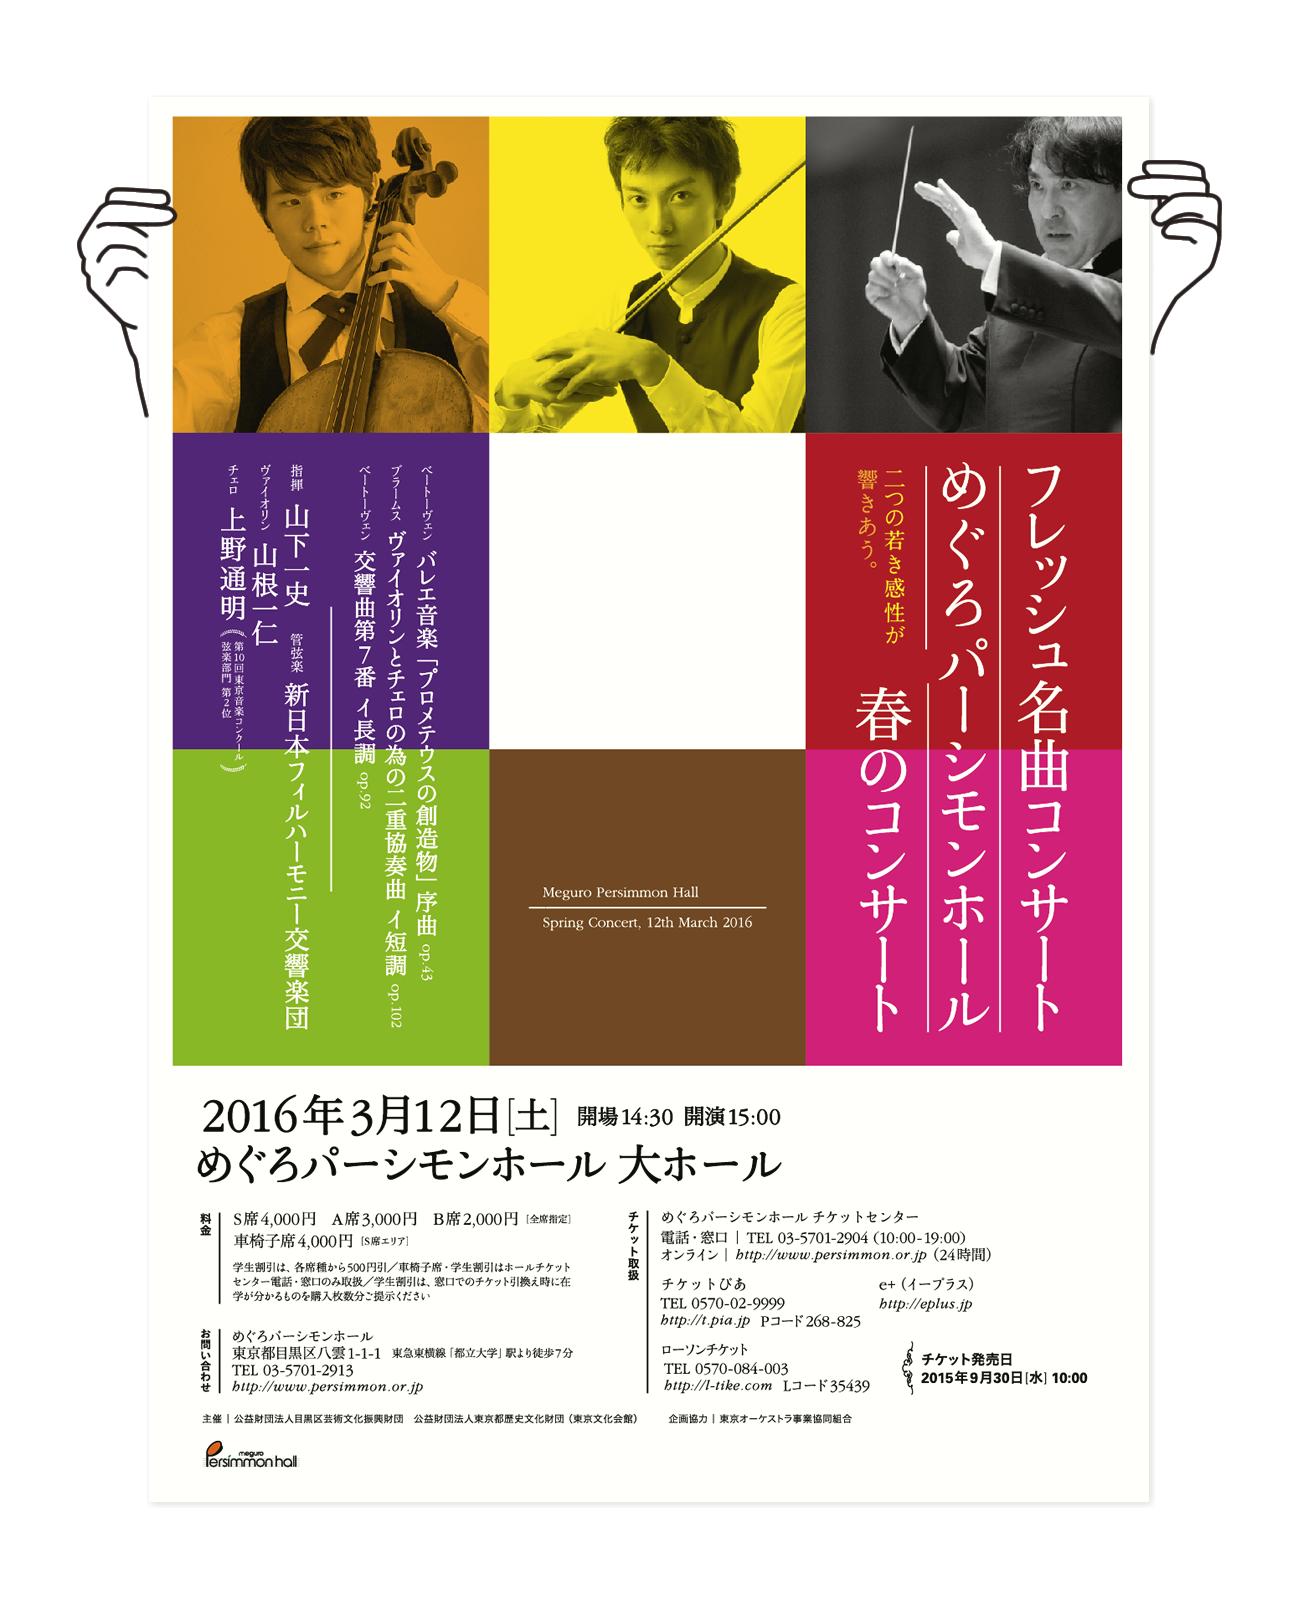 フレッシュ名曲コンサート めぐろパーシモンホール 春のコンサート/ポスター グラフィックデザイン